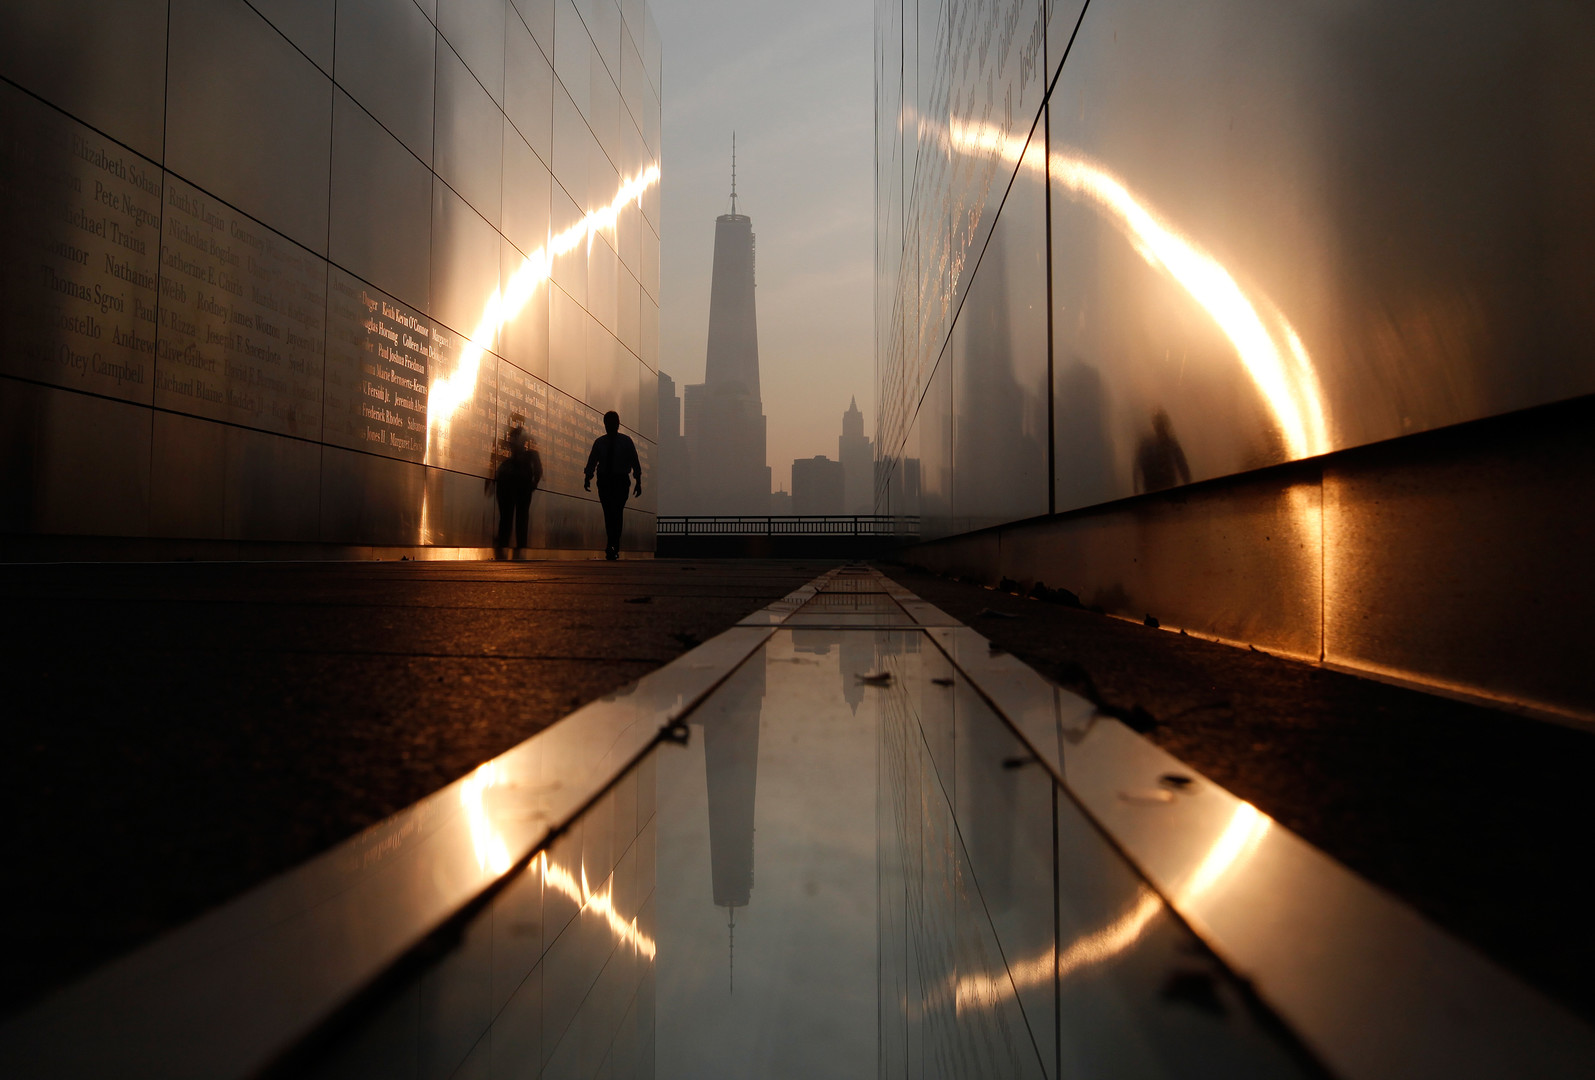 Иски по делу 9/11: миллионы, миллиарды, триллионы